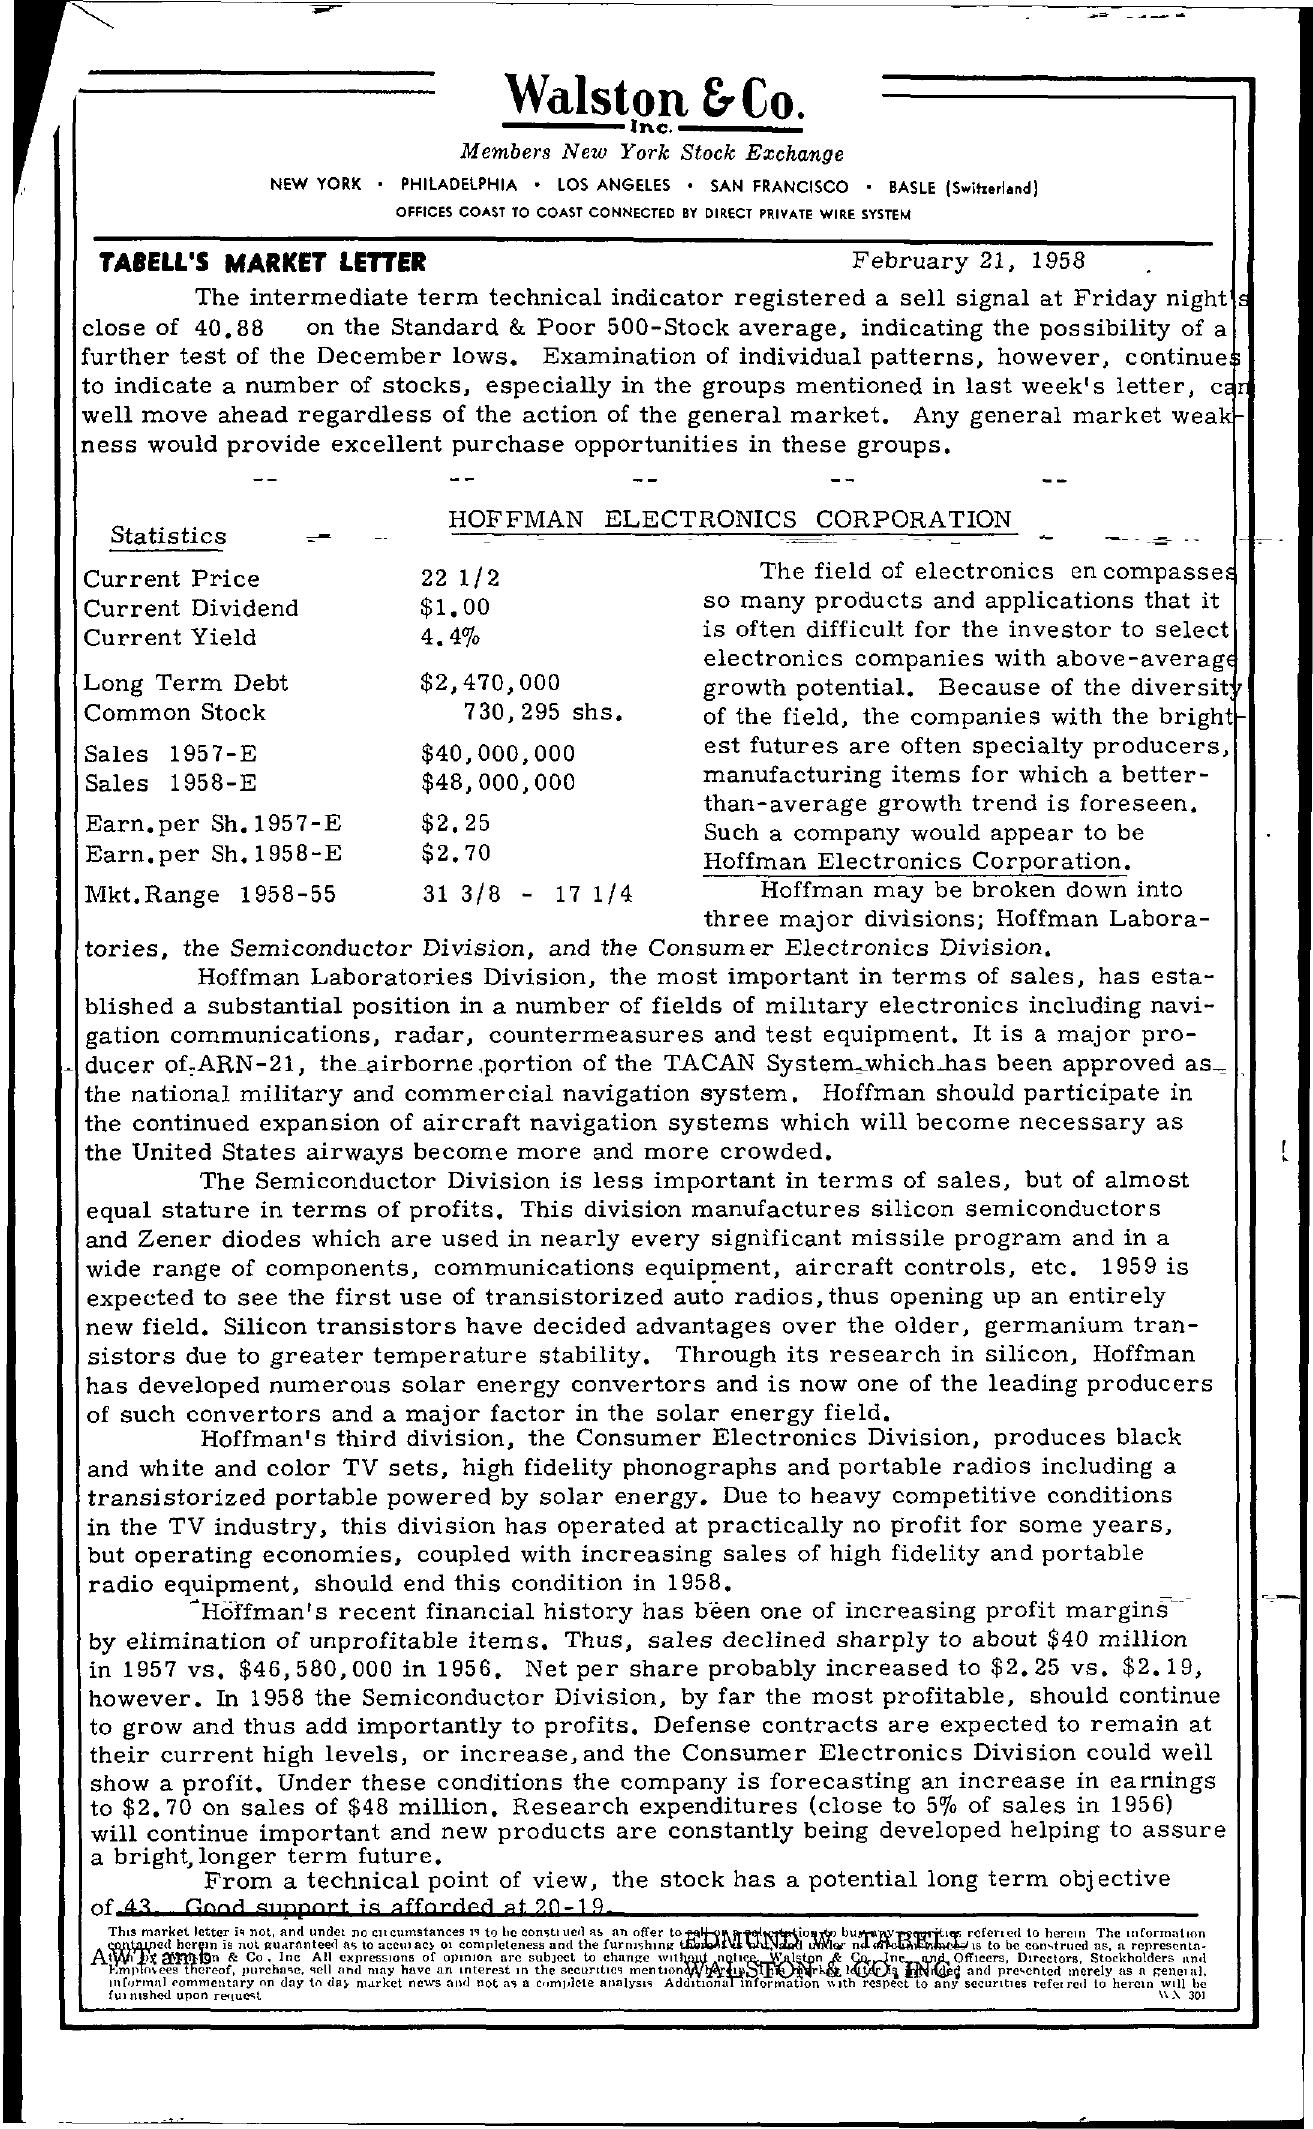 Tabell's Market Letter - February 21, 1958